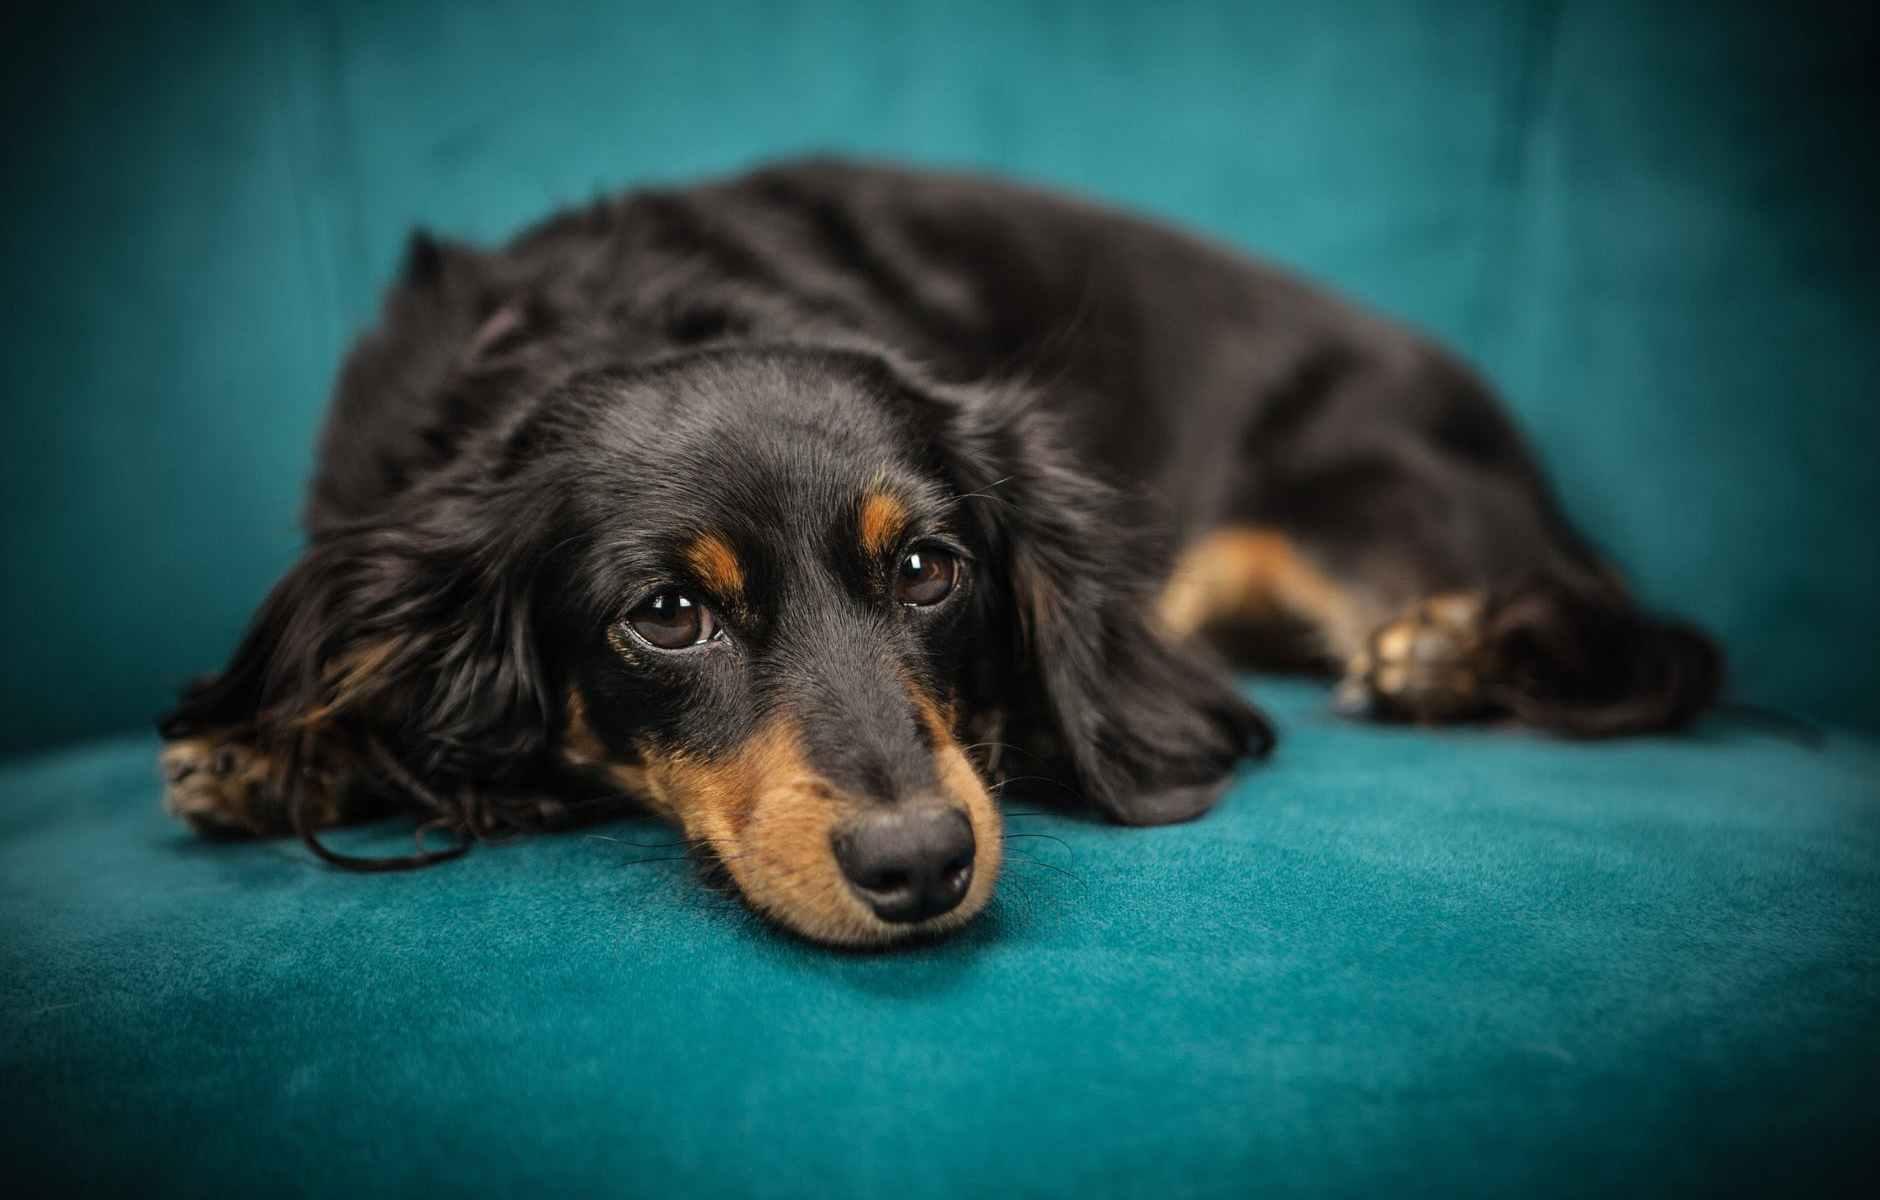 black and tan long coat dog